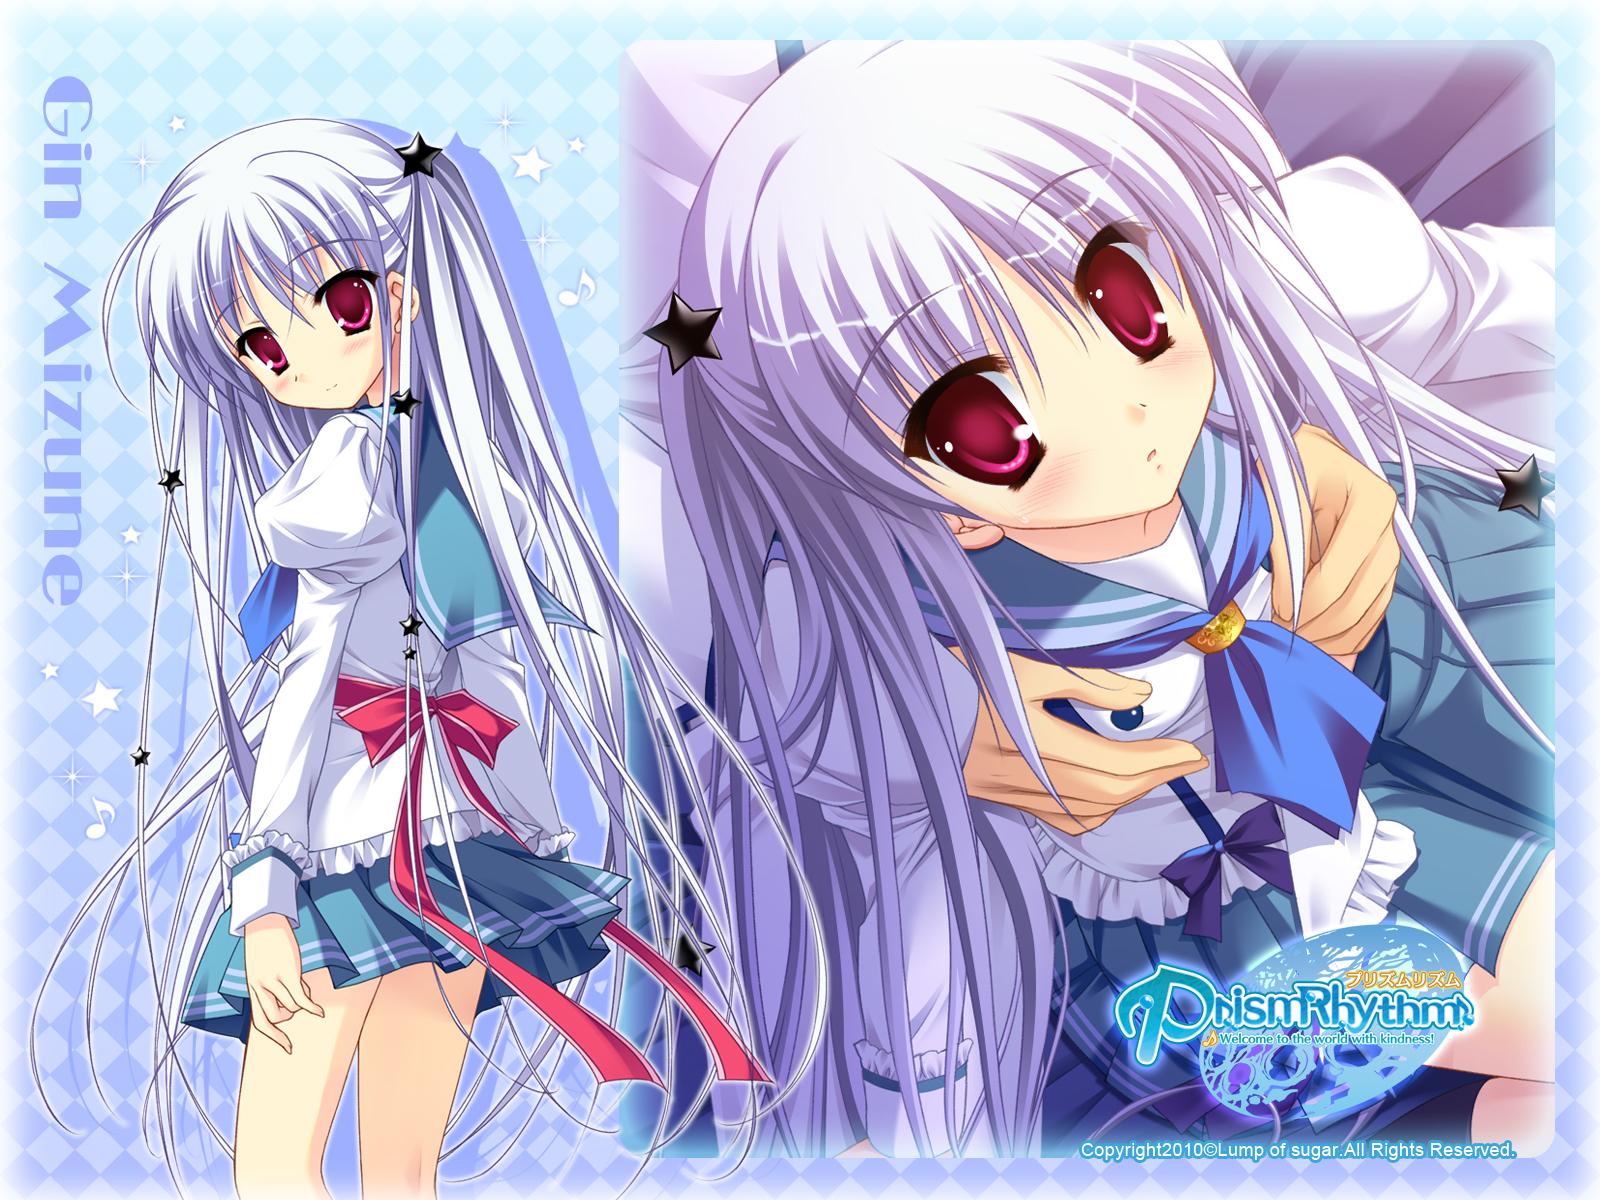 blue_hair breast_grab mizune_gin pink_eyes prism_rhythm school_uniform sesena_yau